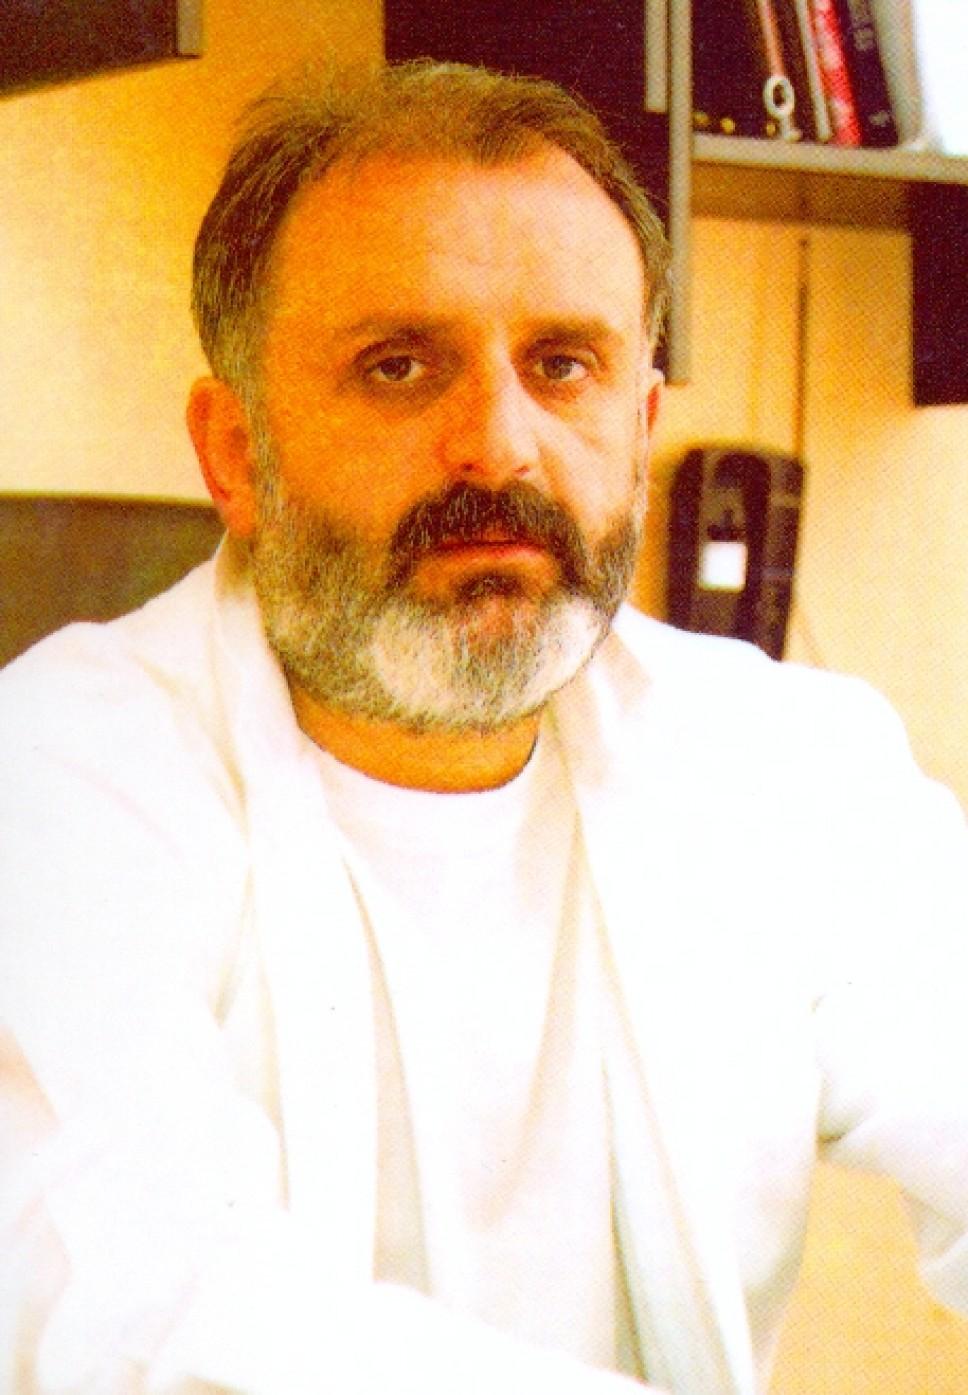 Biografija - Dašić Žarko+